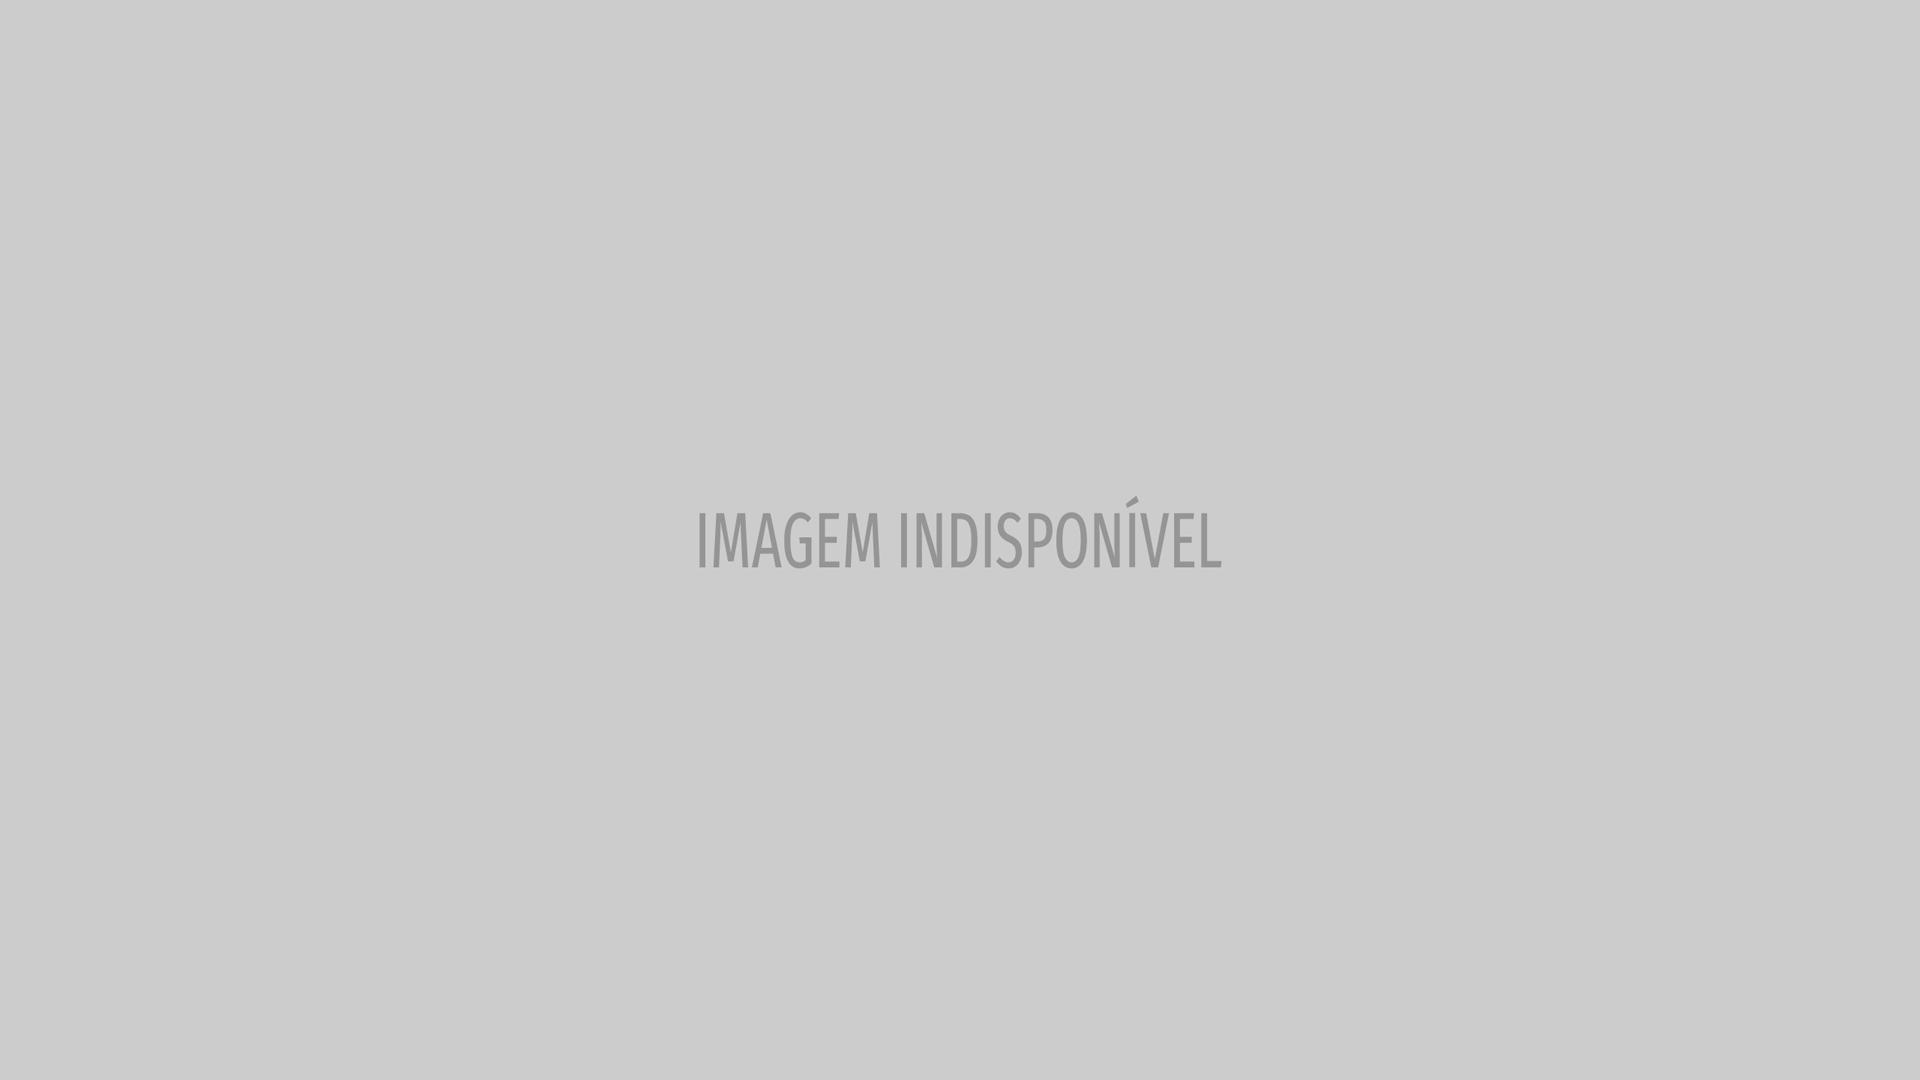 Maju encontra criança que viralizou por ter cabelo igual ao dela